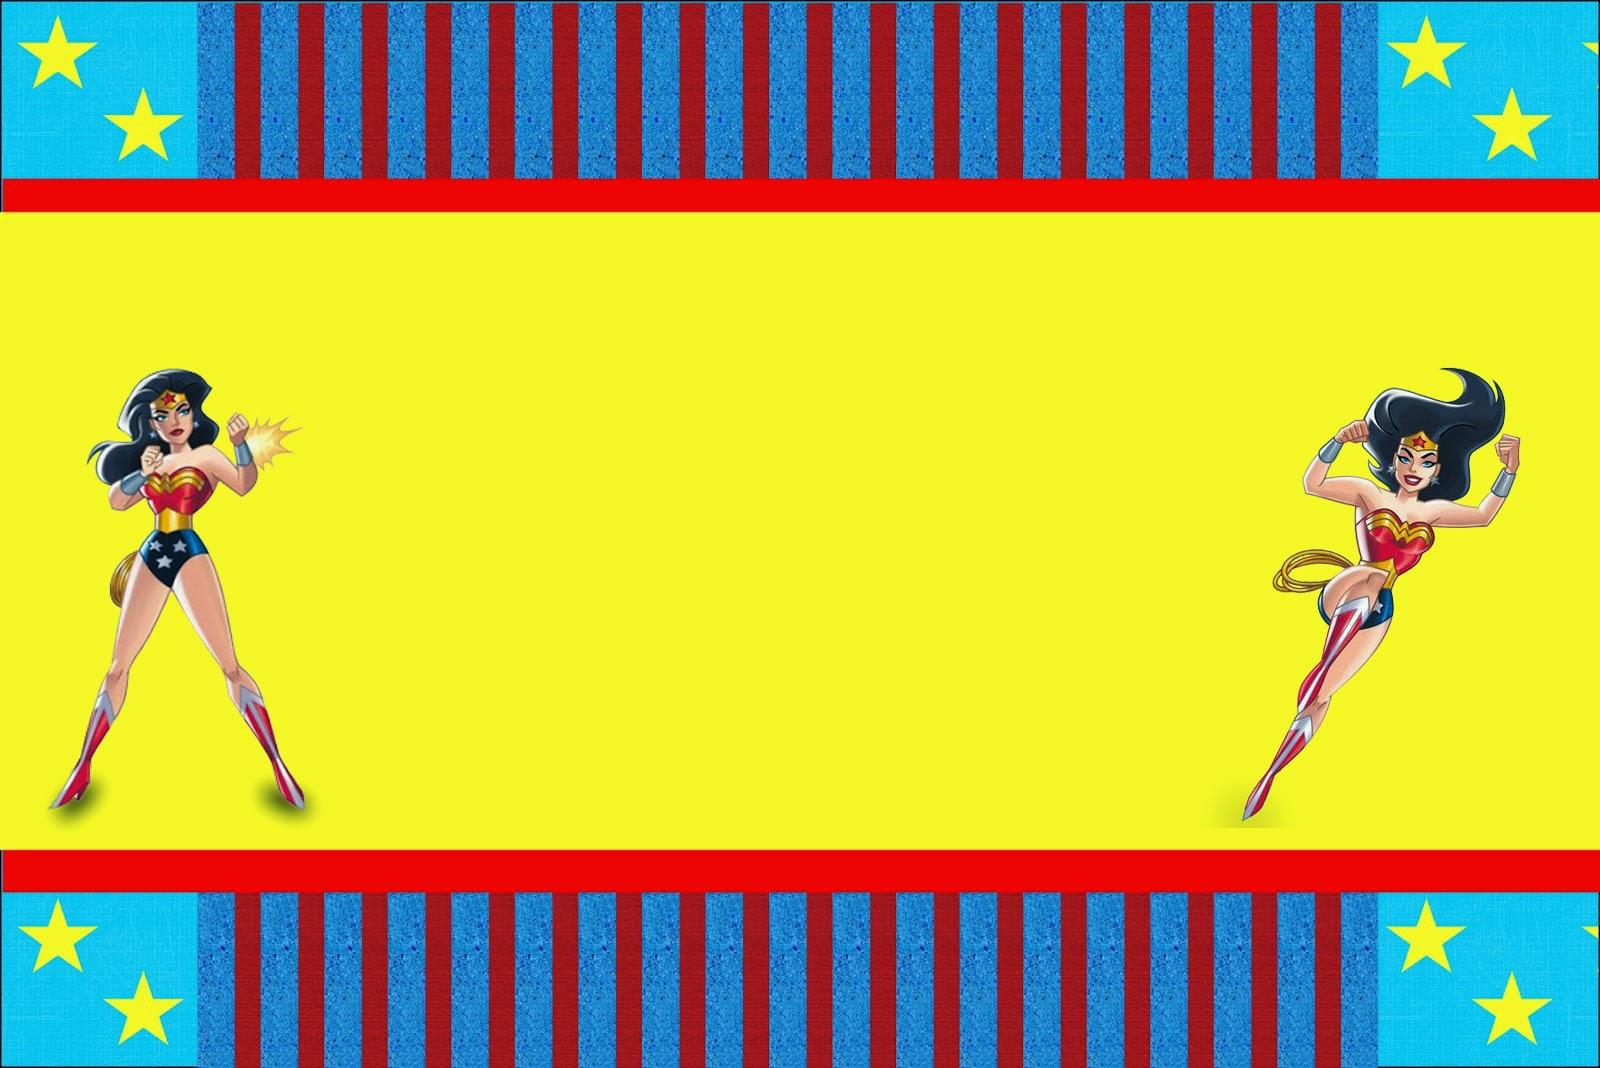 Wonder Woman Free Printable Invitations Oh My Fiesta For Geeks